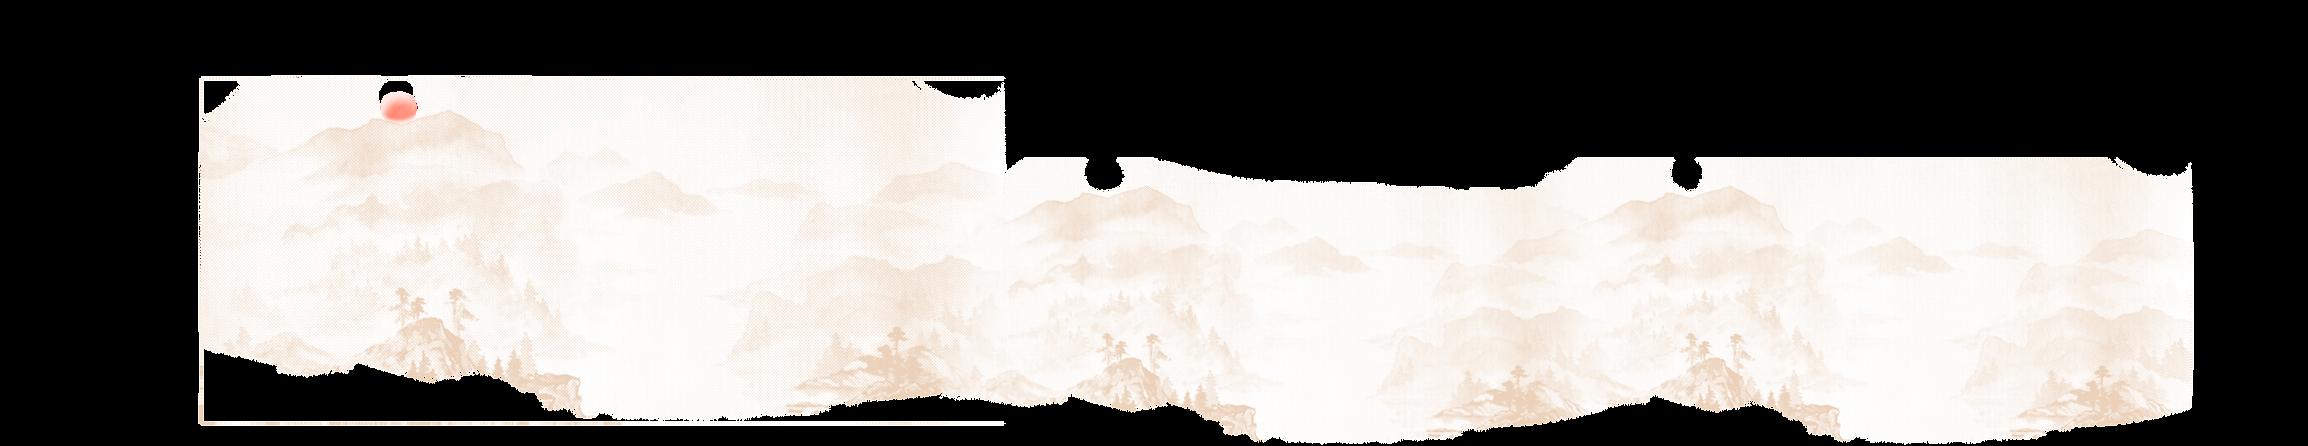 HFN1.png